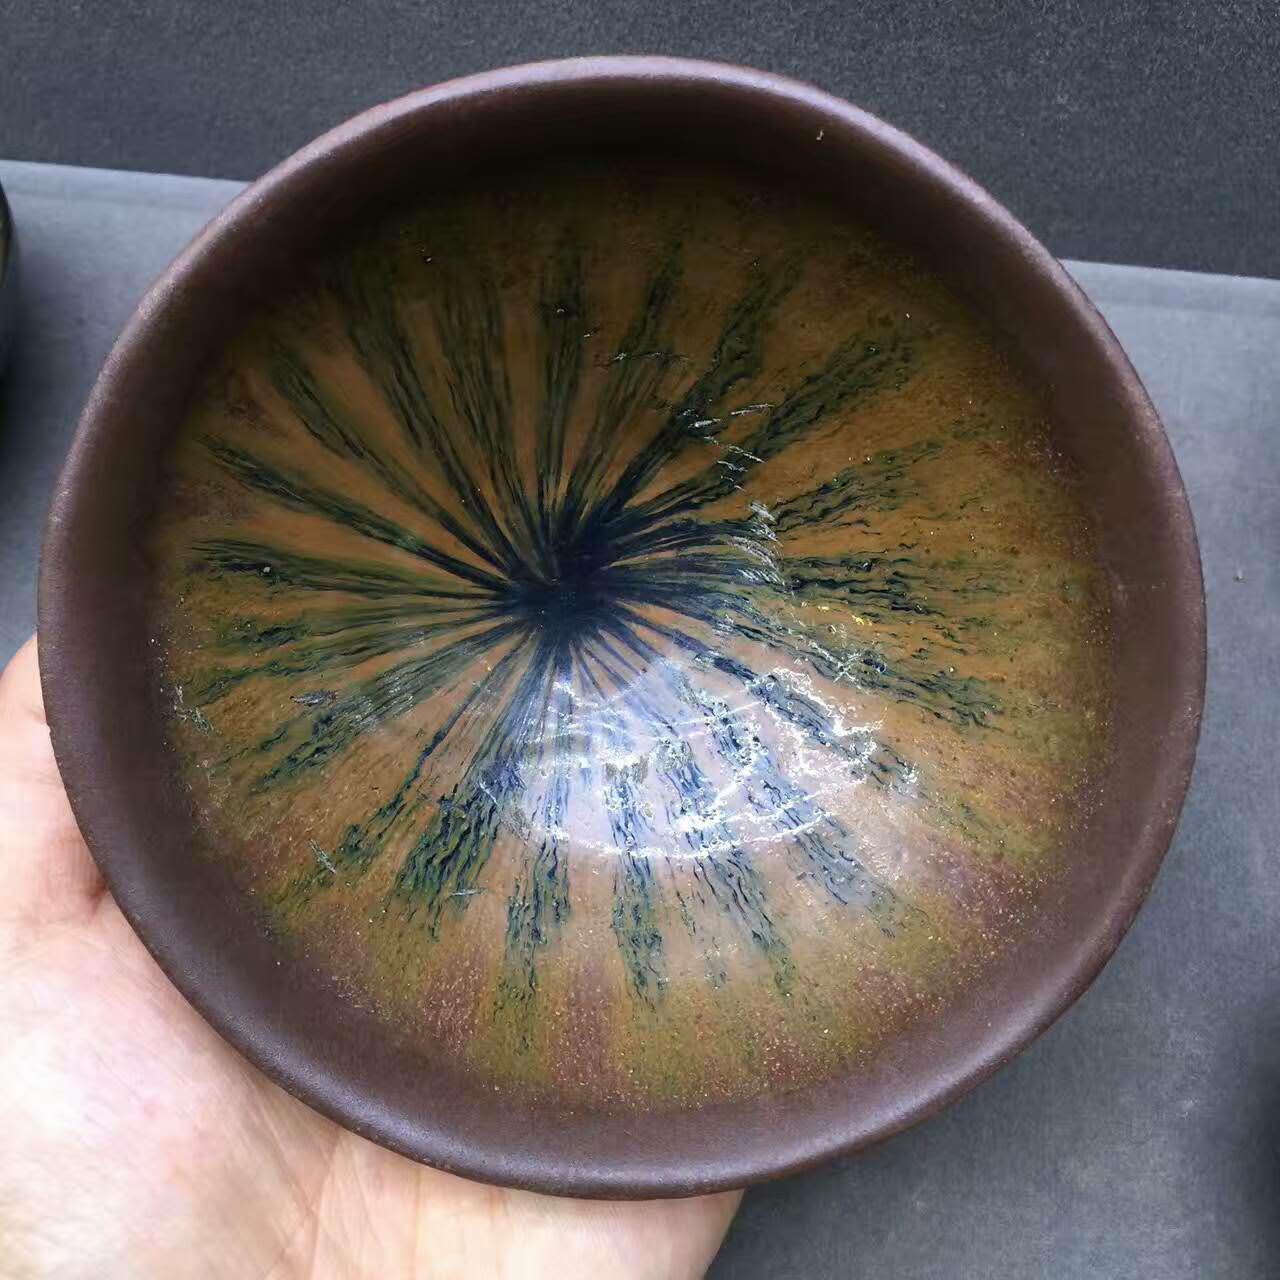 宋代建窑西瓜花束口盏,釉色特别,宛如西瓜的斑纹